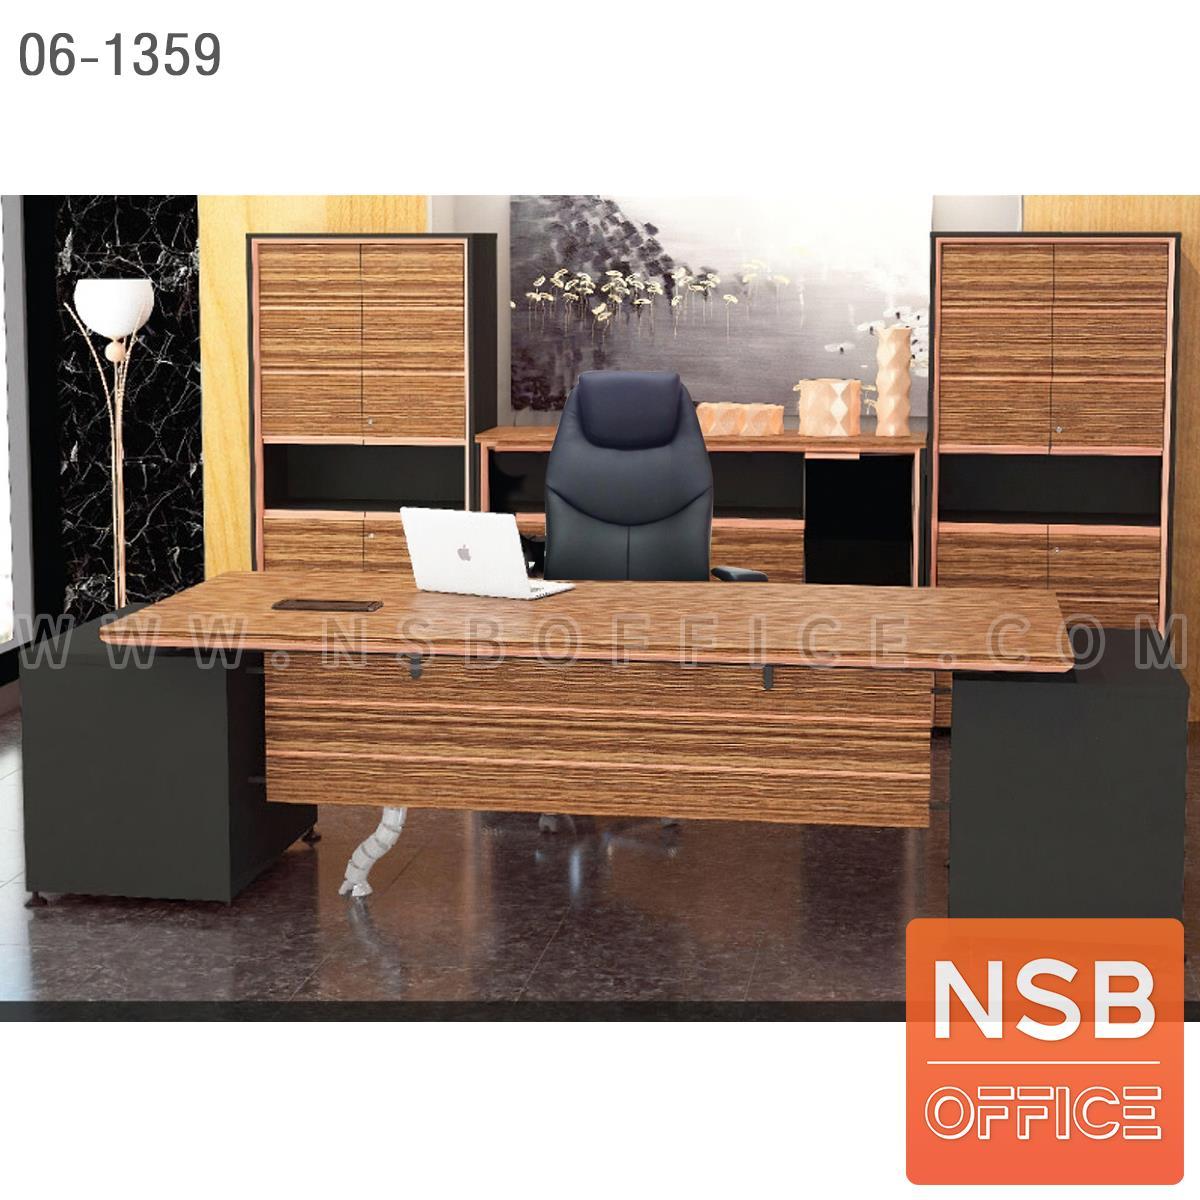 SETA007:เซ็ตโต๊ะทำงานผู้บริหาร สีซีบราโน่-ดำ รุ่น Zebrano ll  พร้อมตู้เก็บเอกสาร เก้าอี้ (รวม 5 ชิ้น)